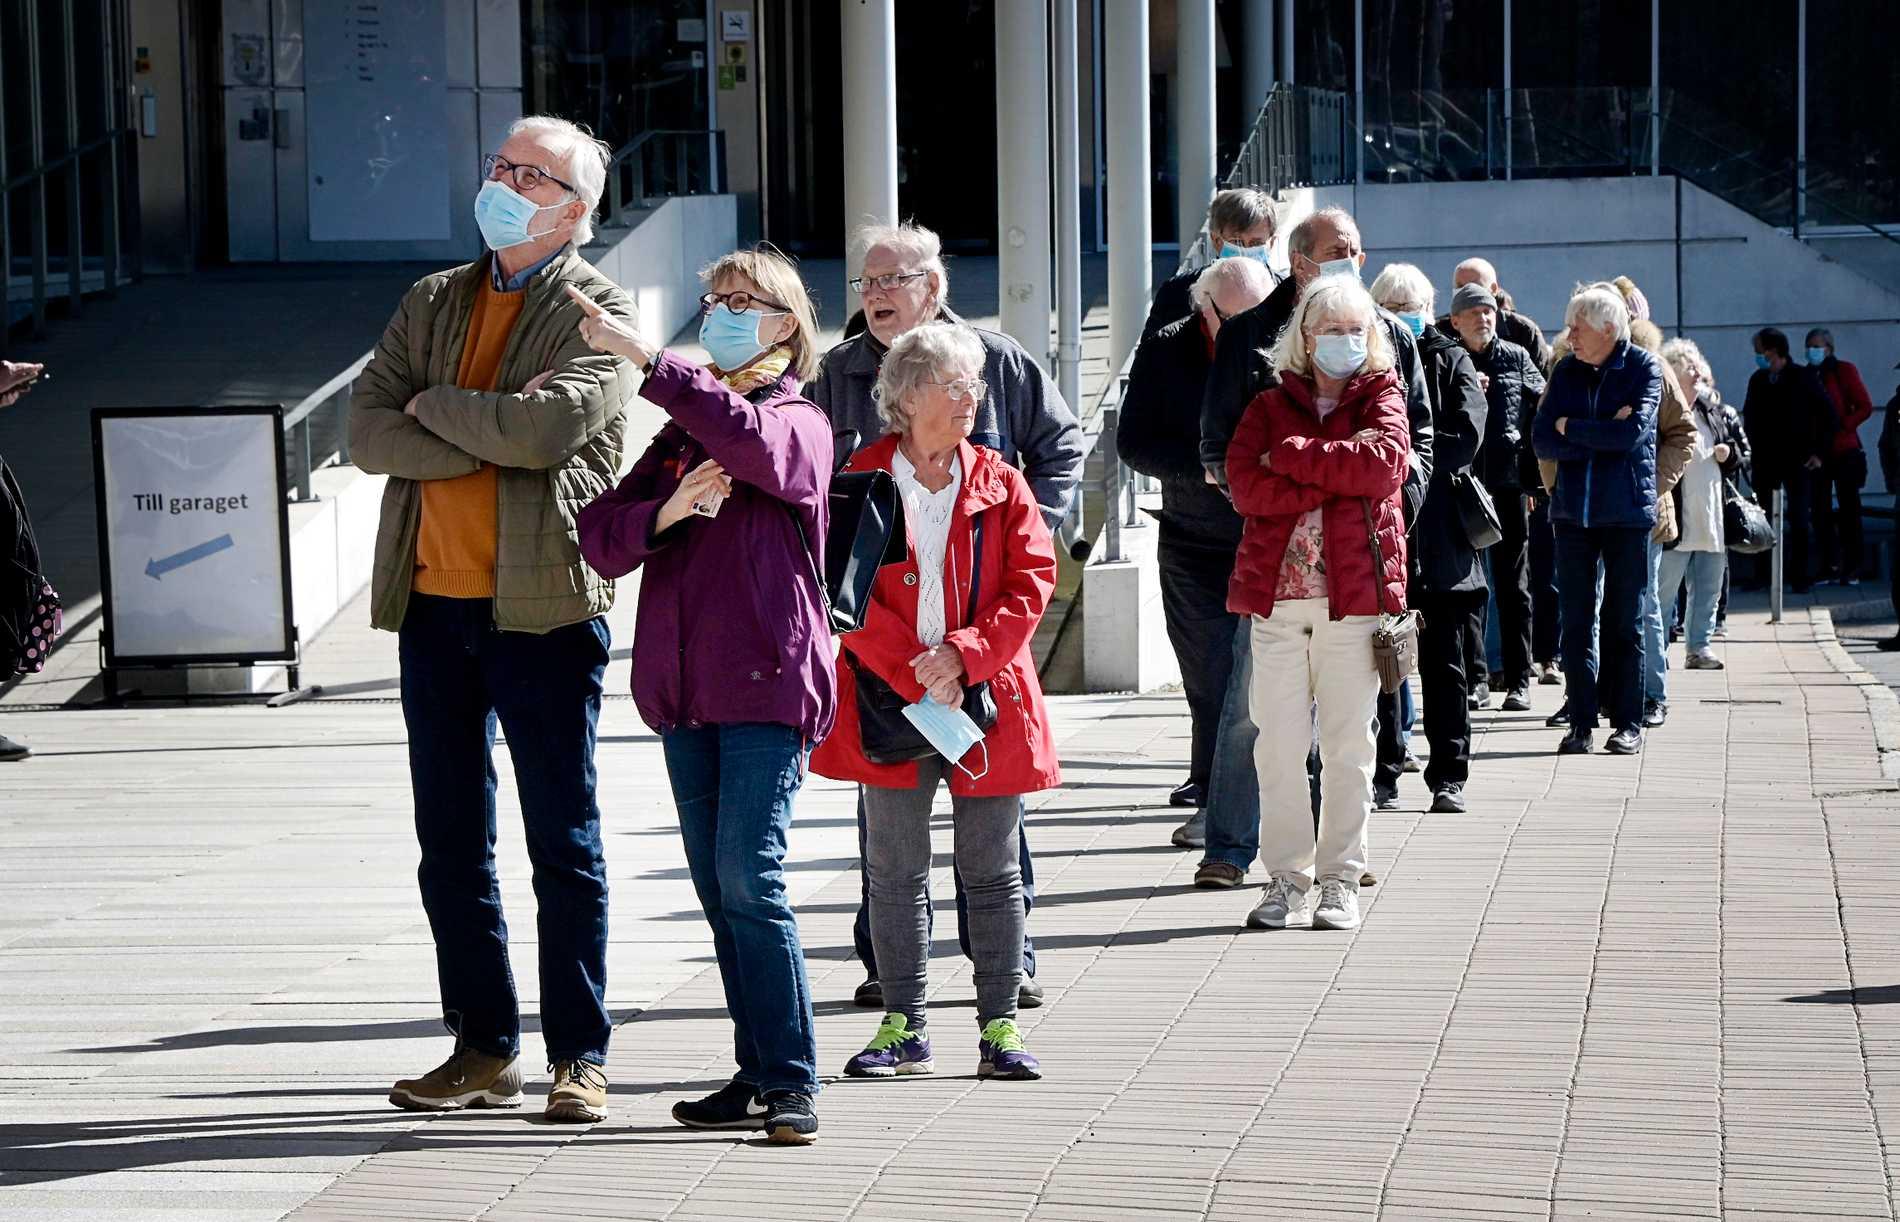 På torsdagsförmiddagen ringlade kön till vaccinationen utanför Stockholmsmässan i Älvsjö, efter beskedet att även de under 75 år var välkomna till sprutan.